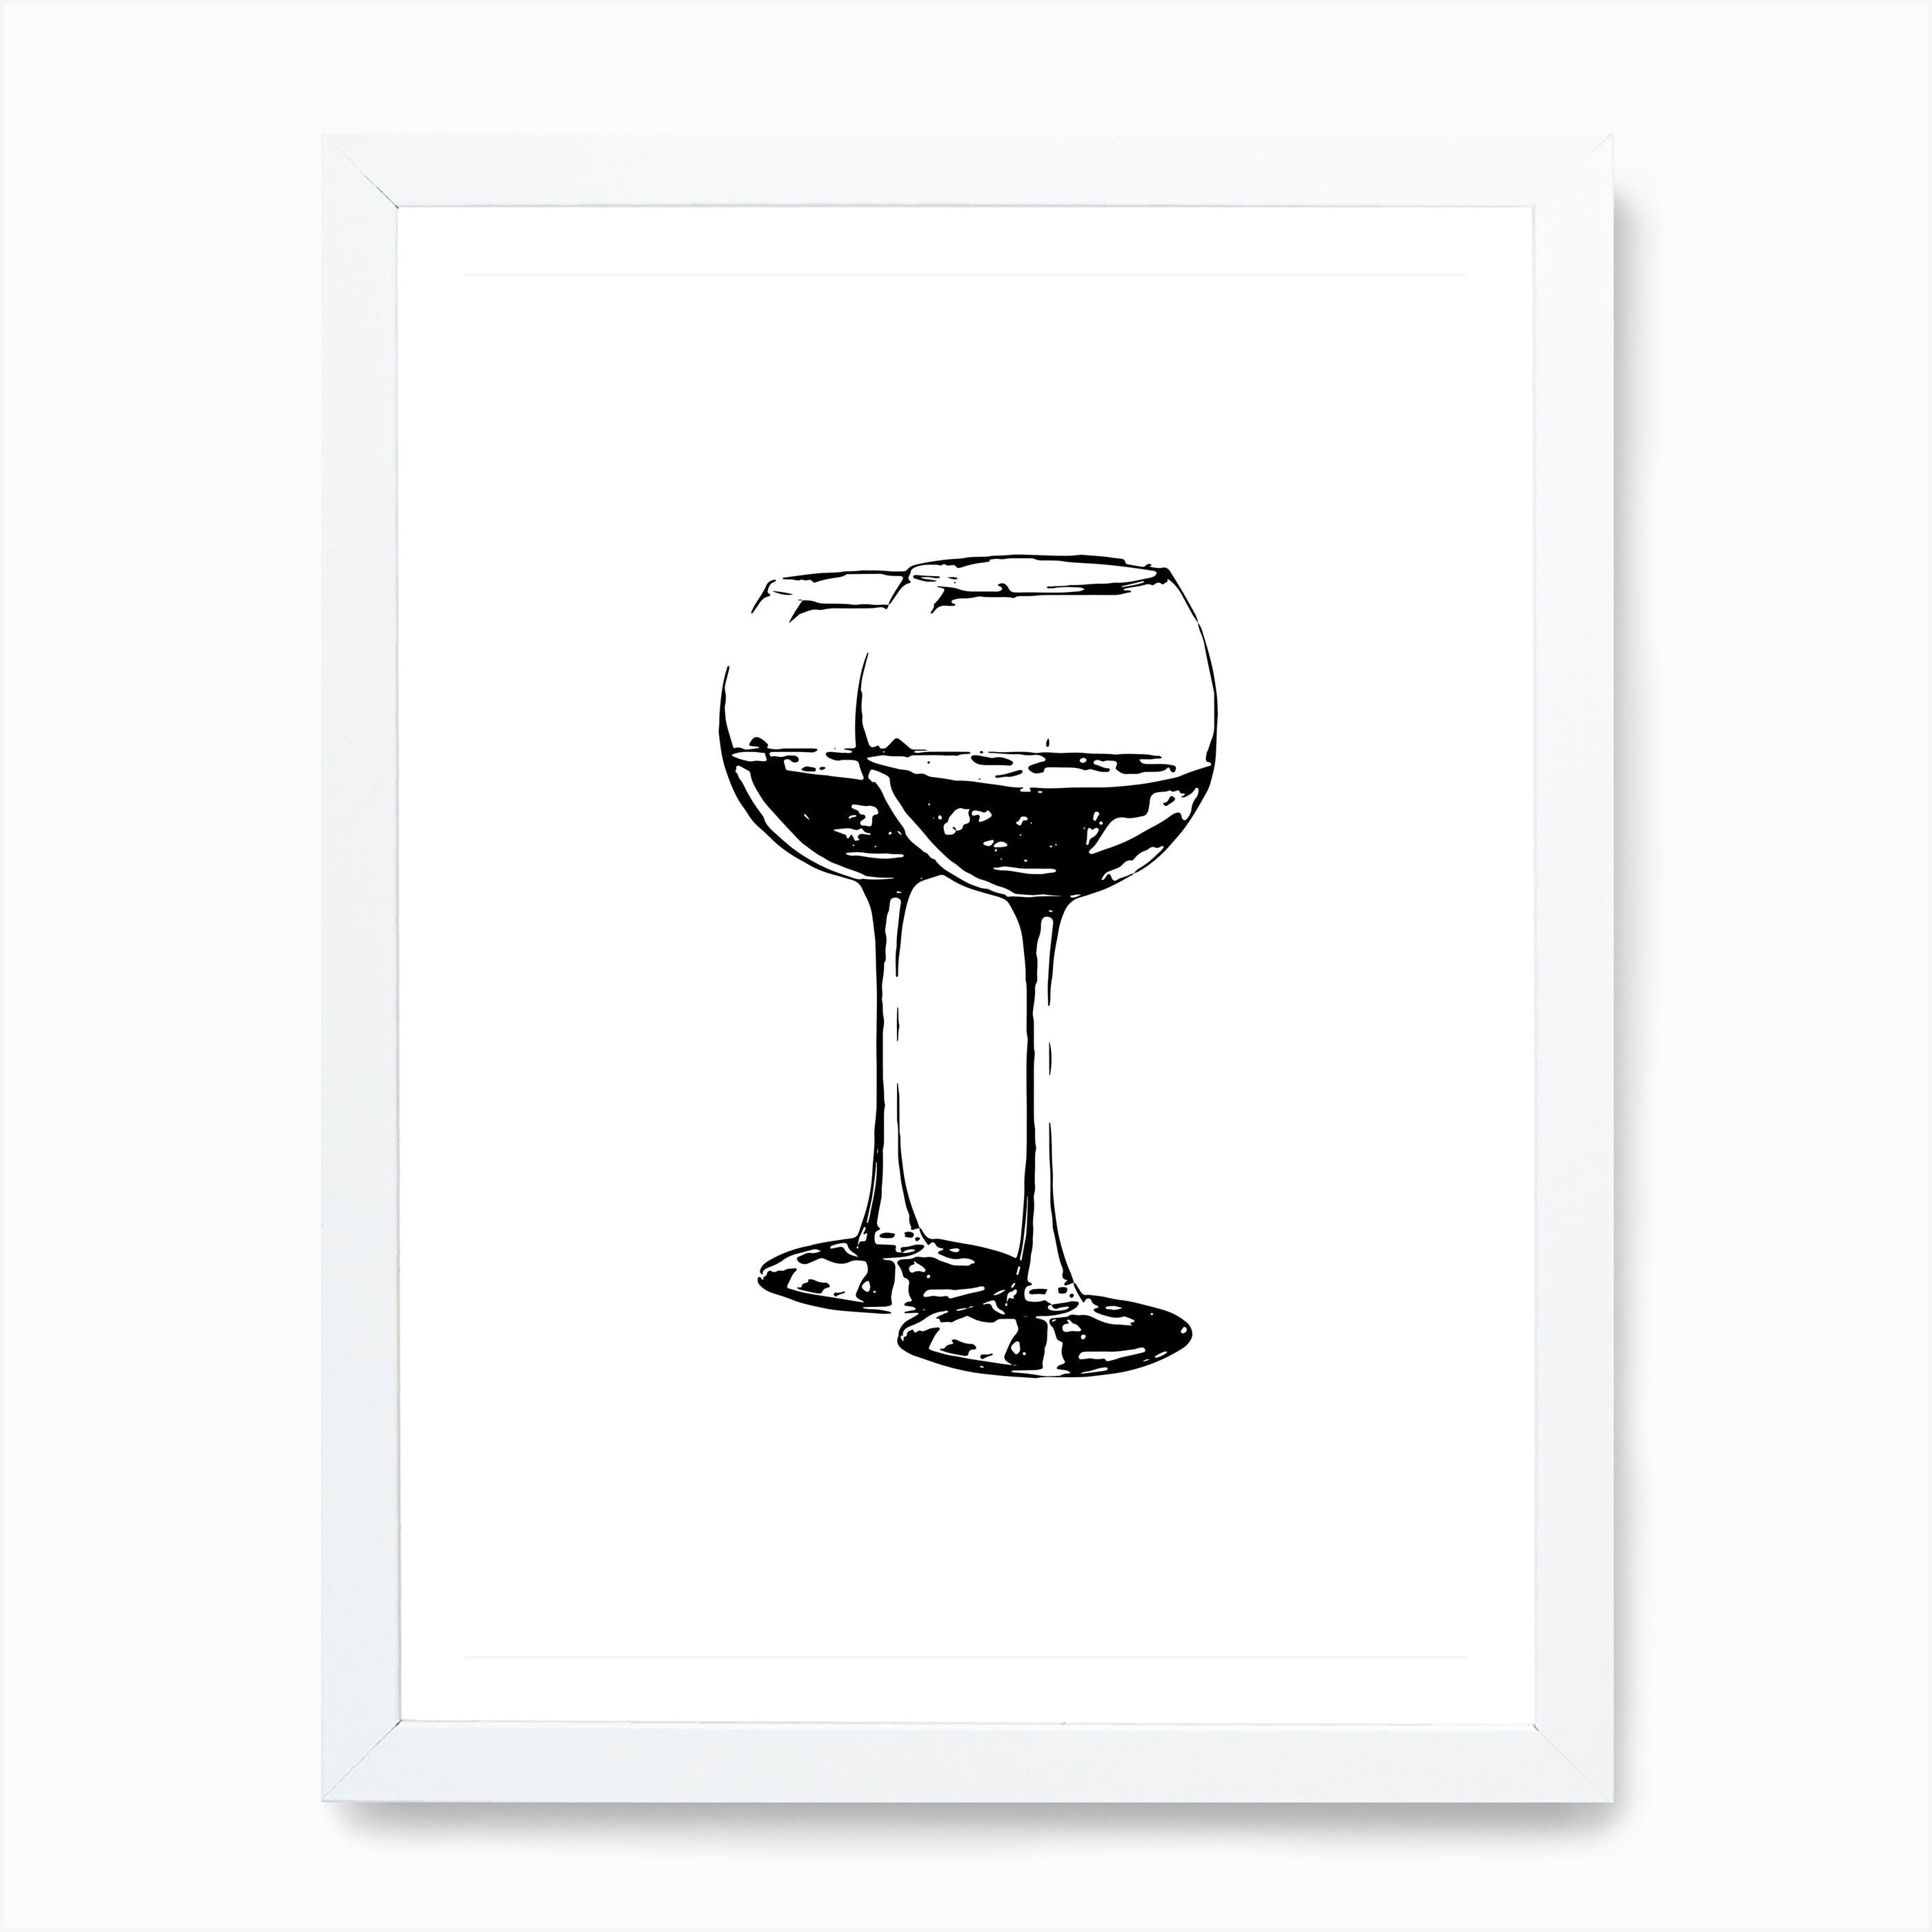 Grey /& White Illustration Wine Glasses Kitchen Poster Print Home Decor Wall Art